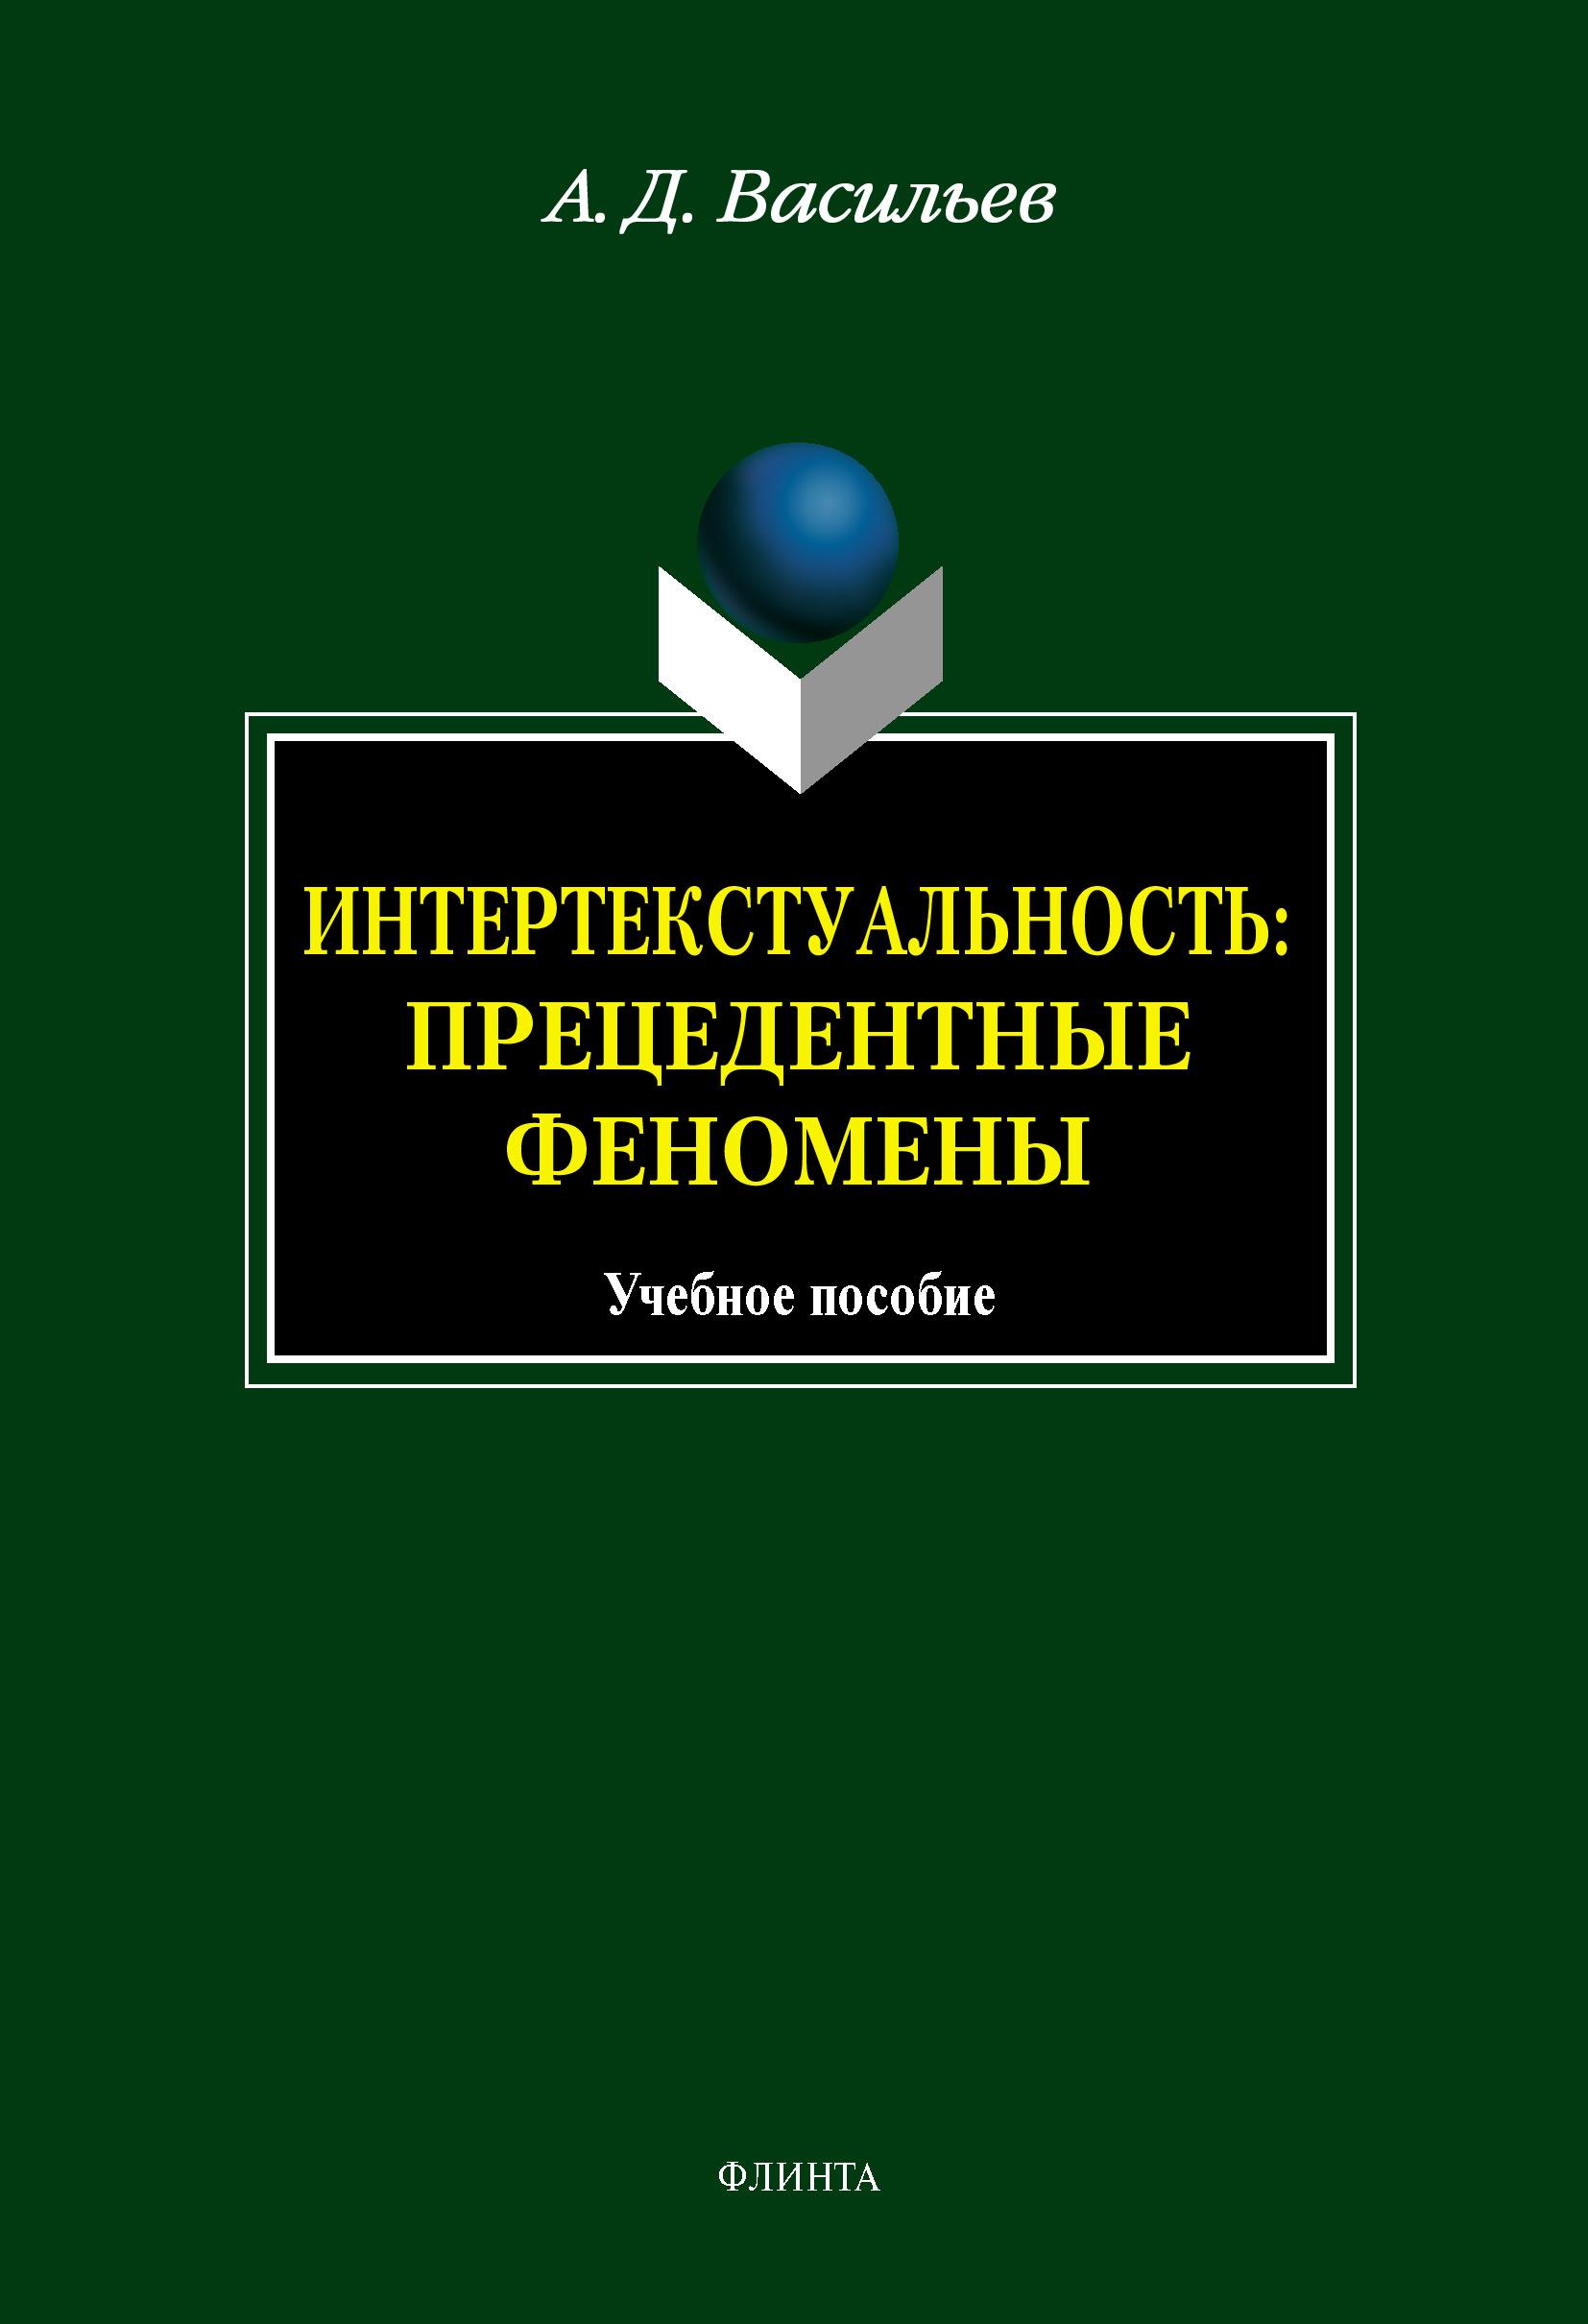 А. Д. Васильев Интертекстуальность. Прецедетные феномены: учебное пособие